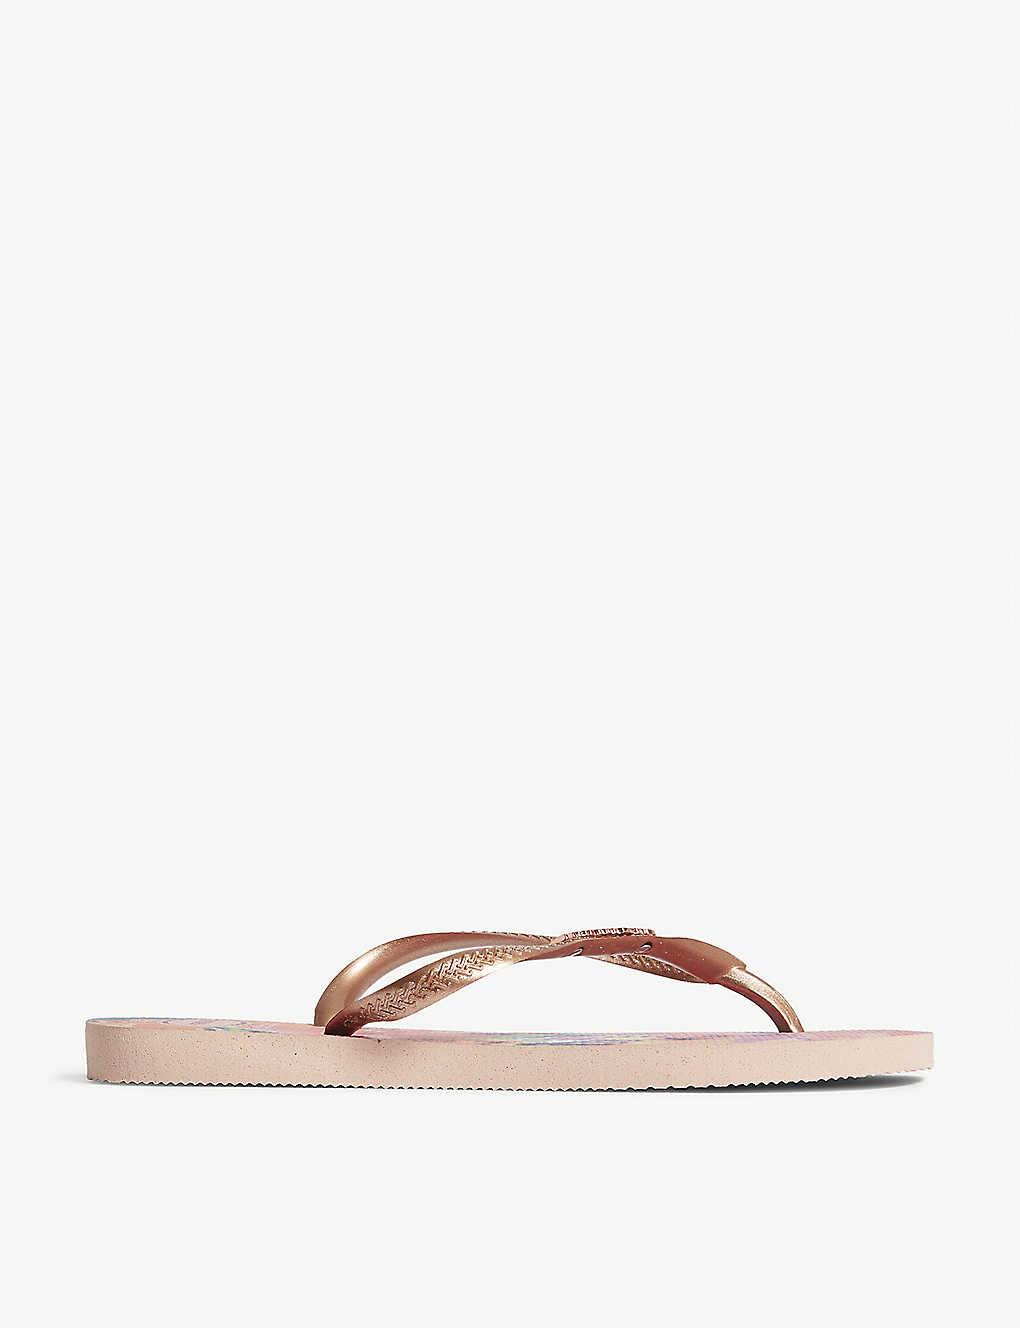 4e415dd7 HAVAIANAS - Slim Tropical flip-flops | Selfridges.com